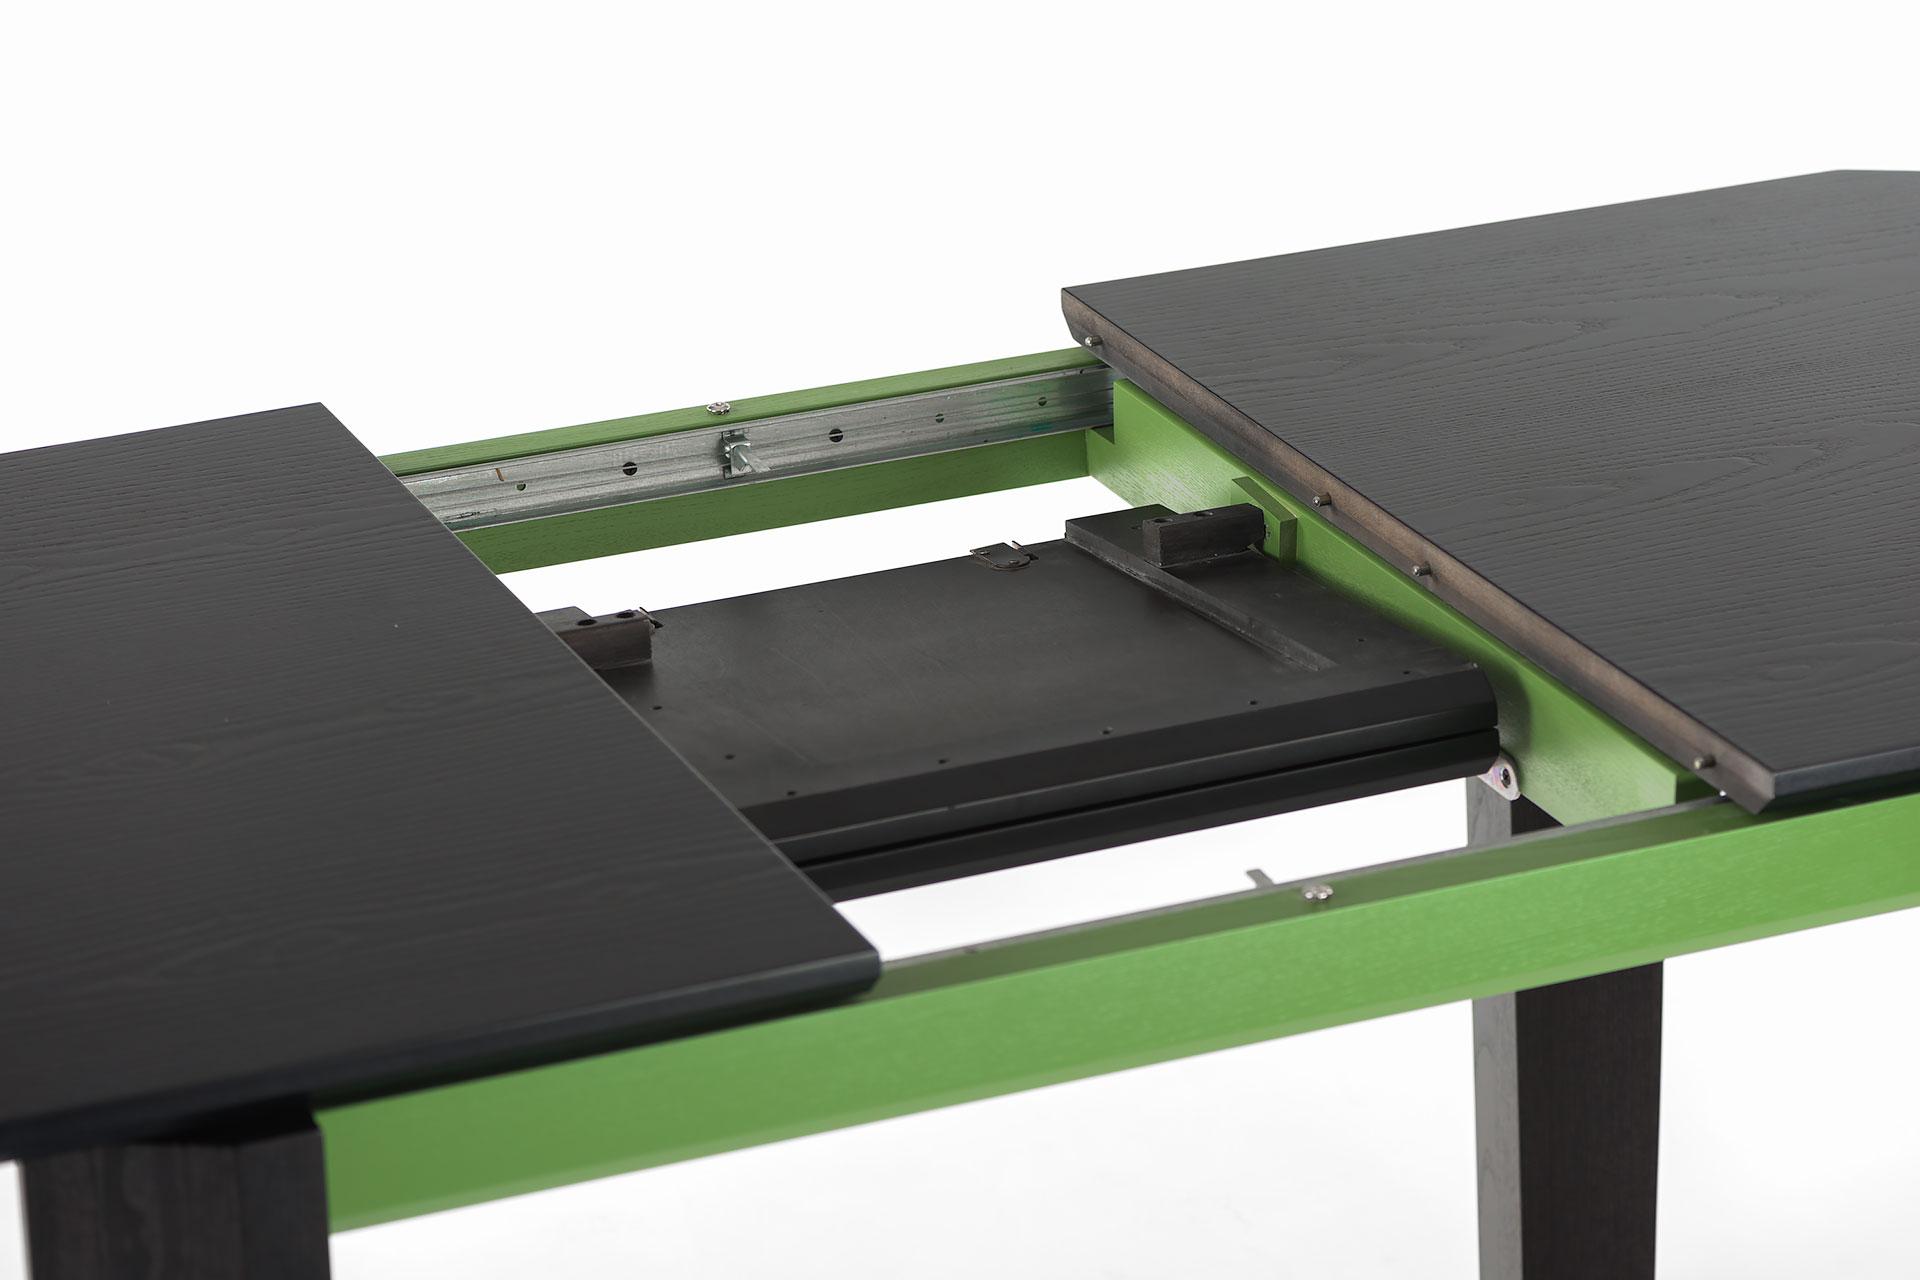 """Раскладной механизм кухонного стола """"Варгас"""" черно-зеленый, шпонированная столешница, твердое дерево, цвет изделия SE7059 / Каркас RAL 6011 (разложенный)"""